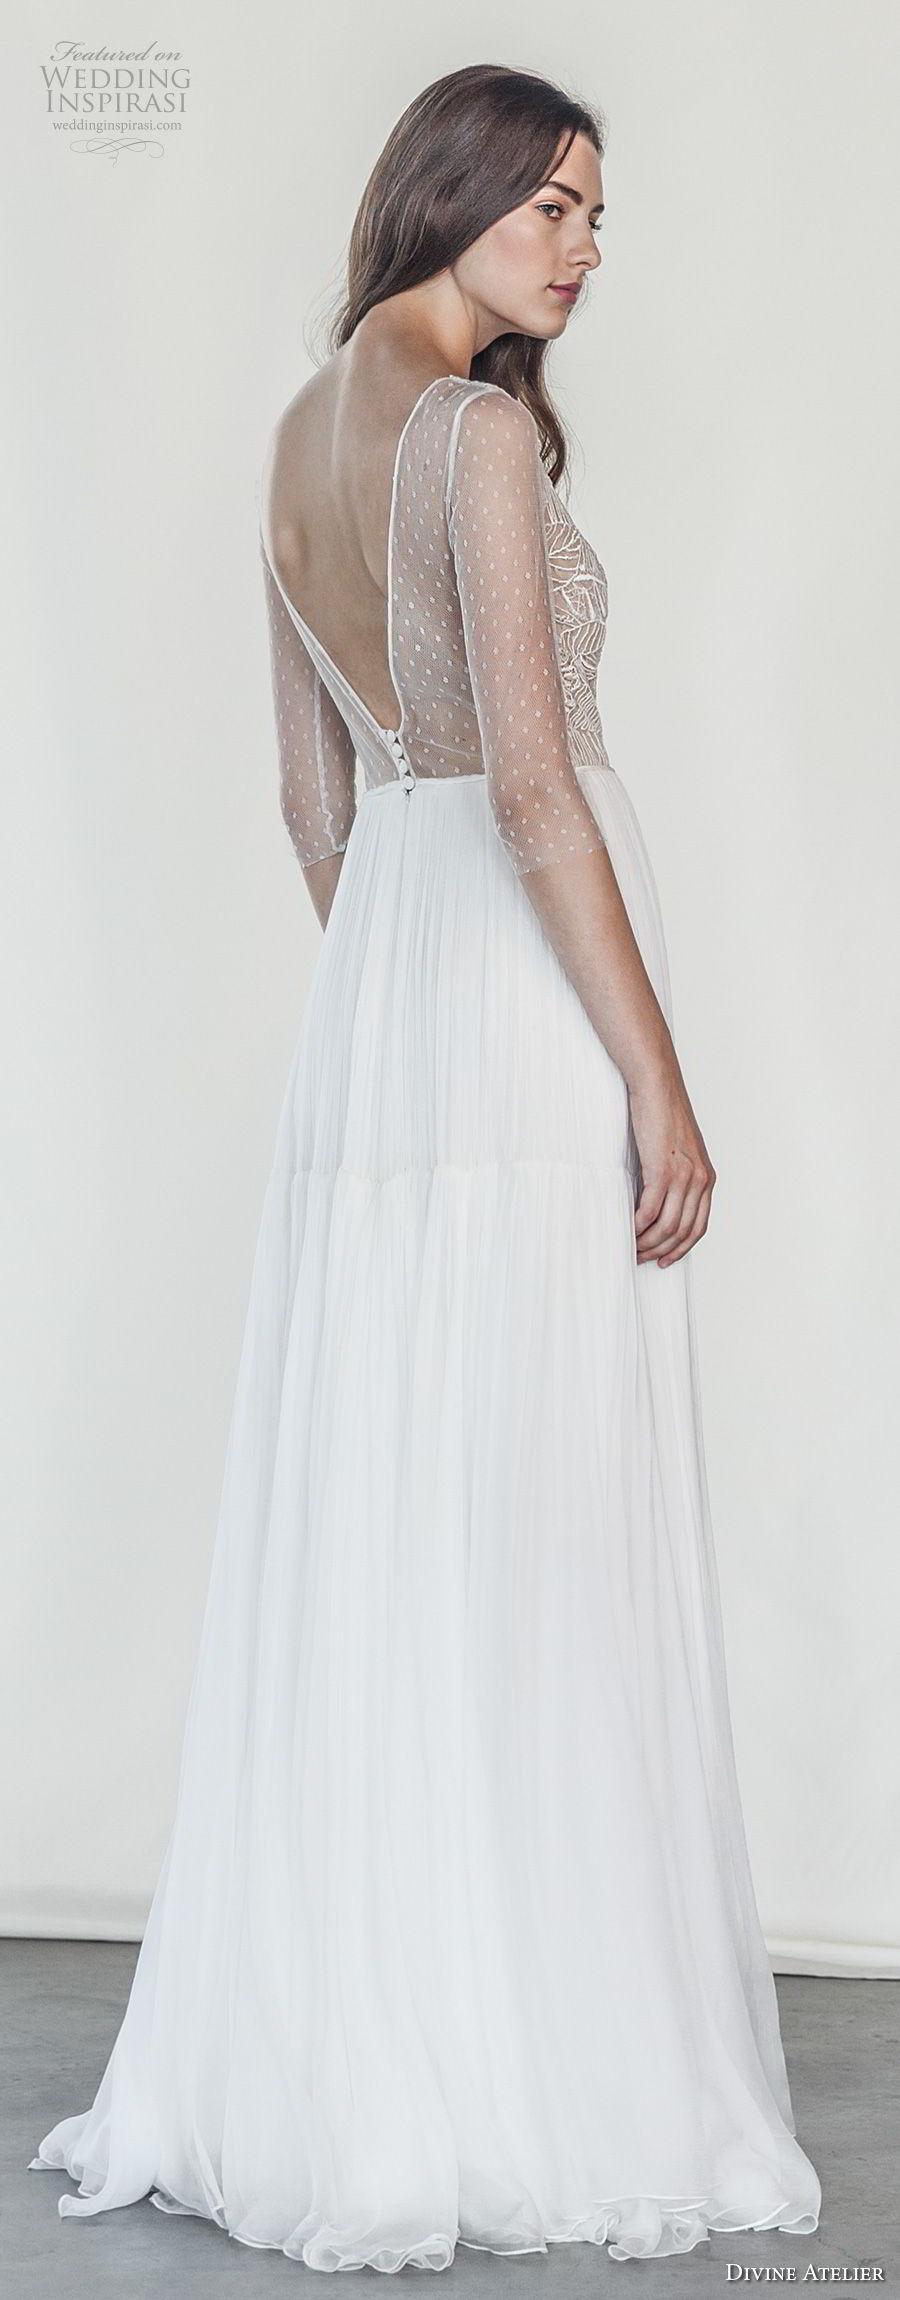 divine atelier 2018 bridal half sleeves deep v neck heavily embellished bodice romantic soft a  line wedding dress open v back sweep train (24) bv